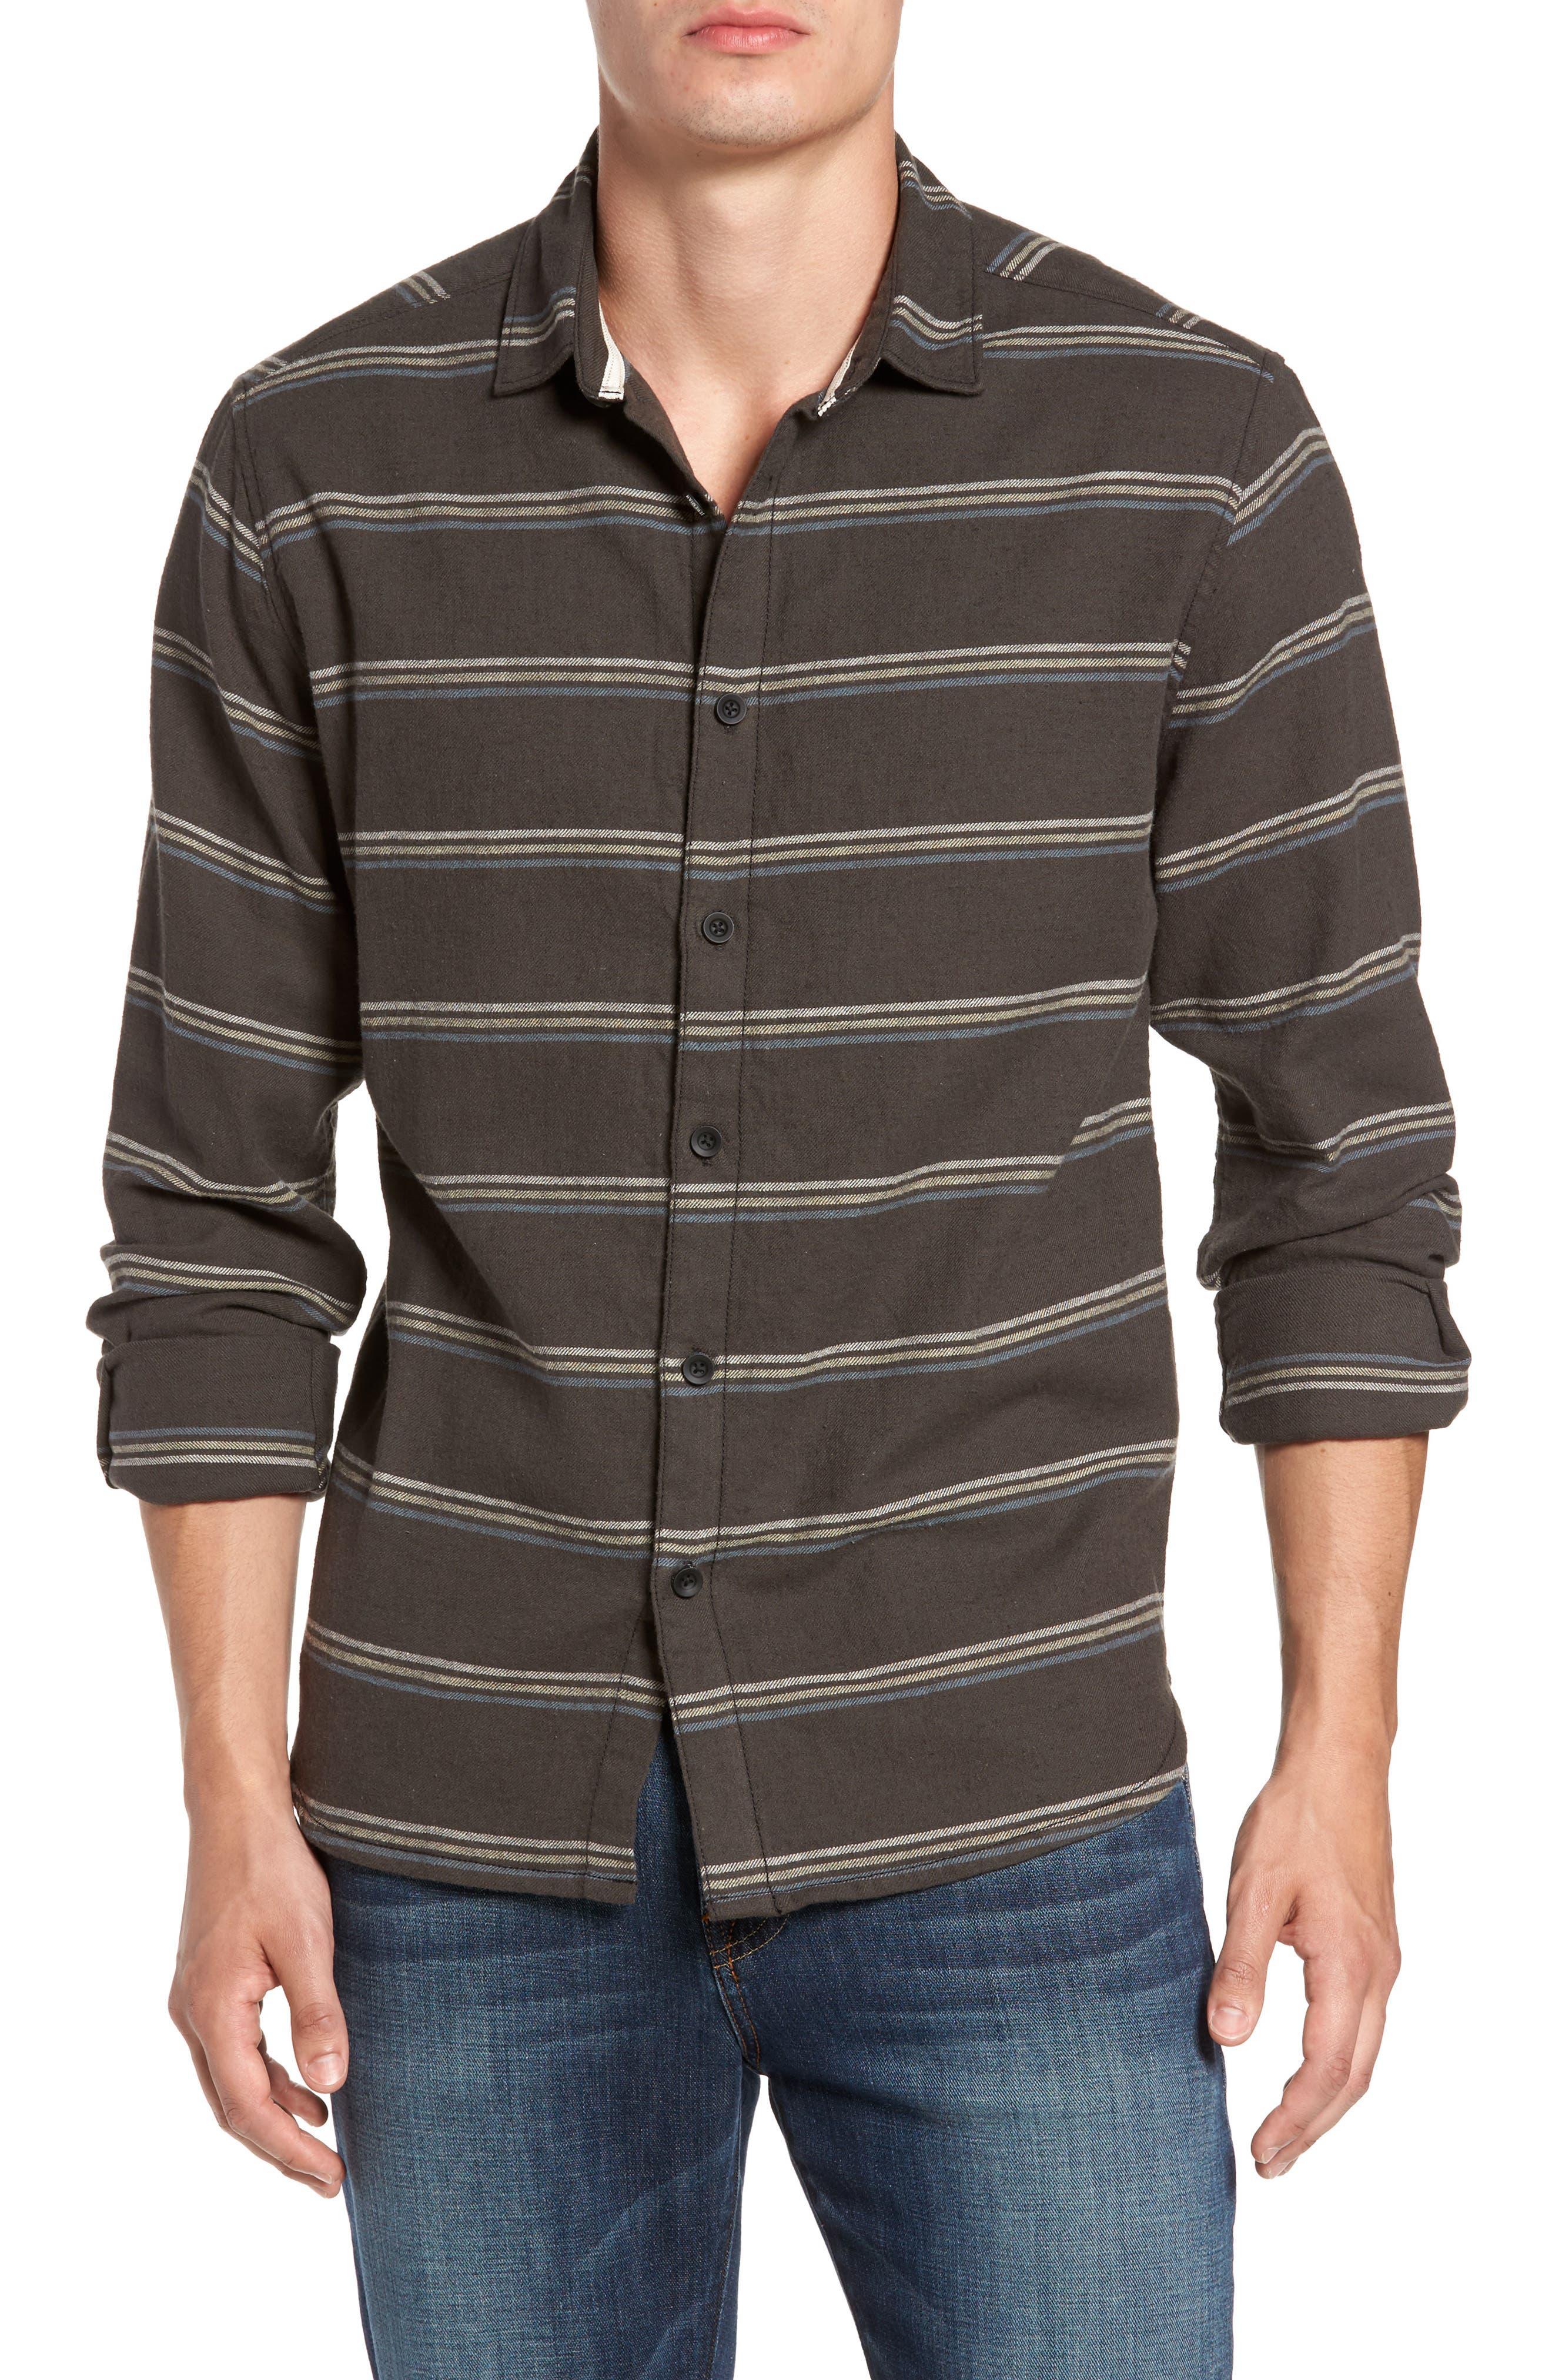 Jeremiah McKinley Stripe Shirt